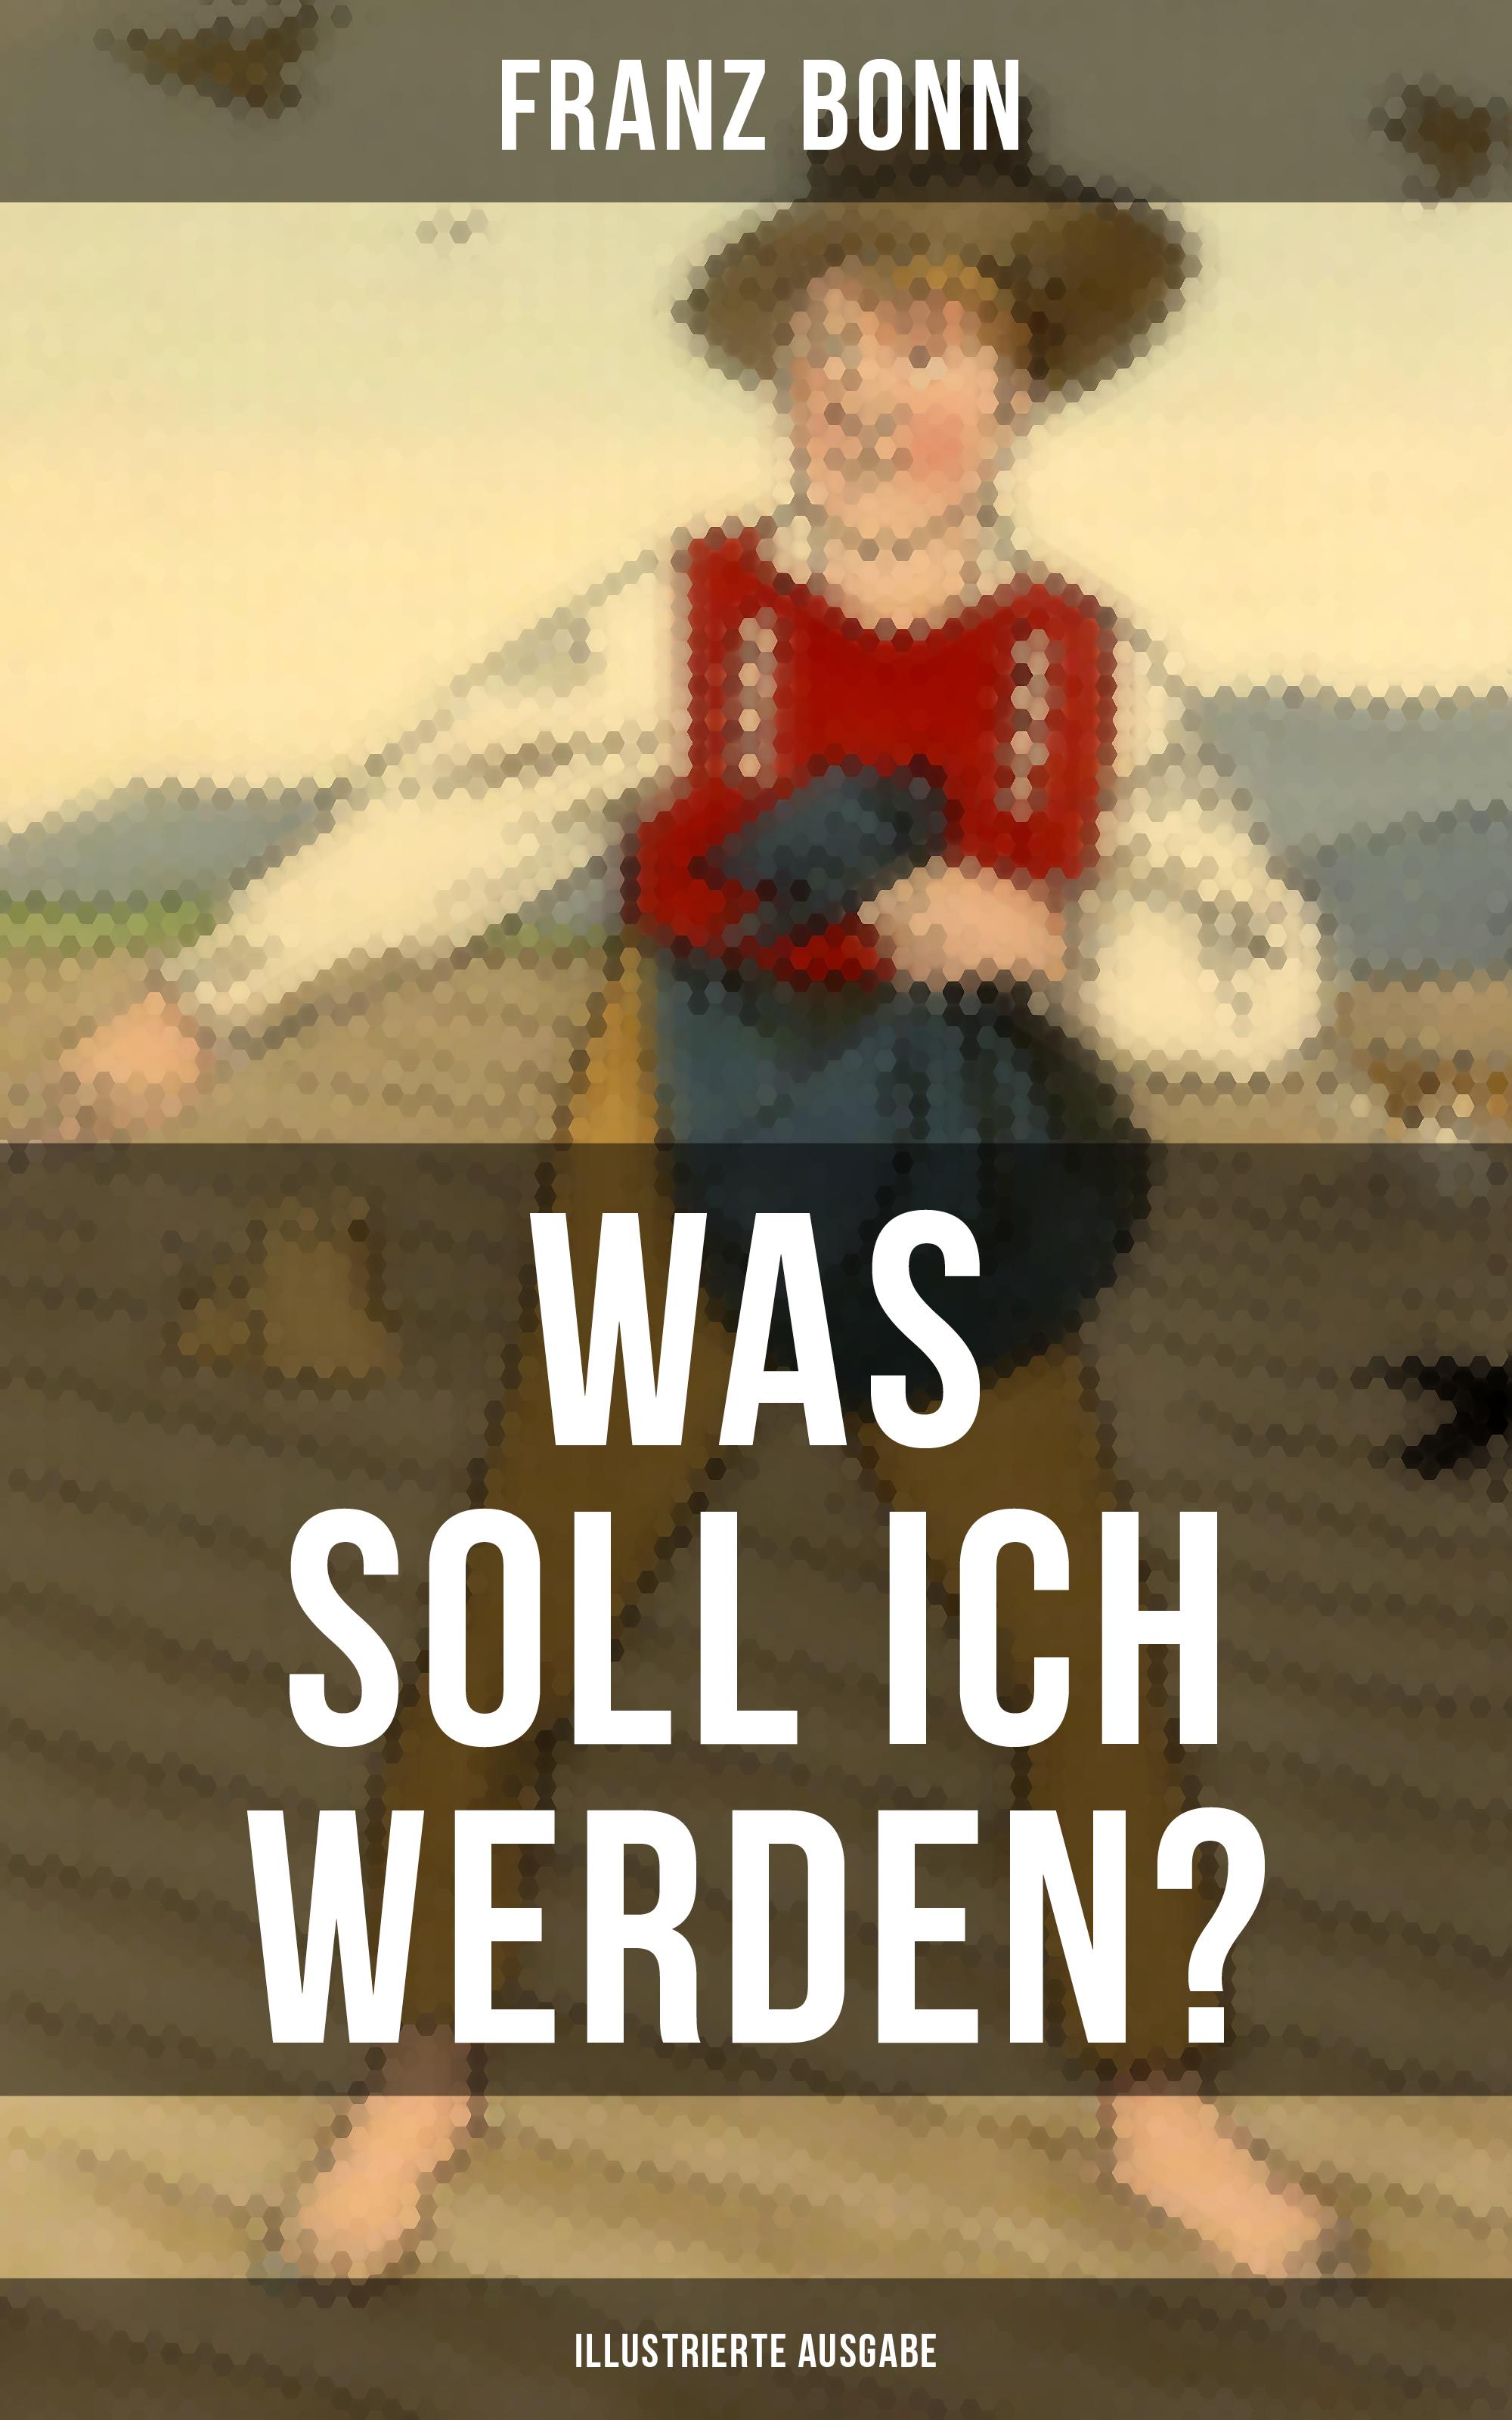 цена на Franz Bonn Was soll ich werden? (Illustrierte Ausgabe)